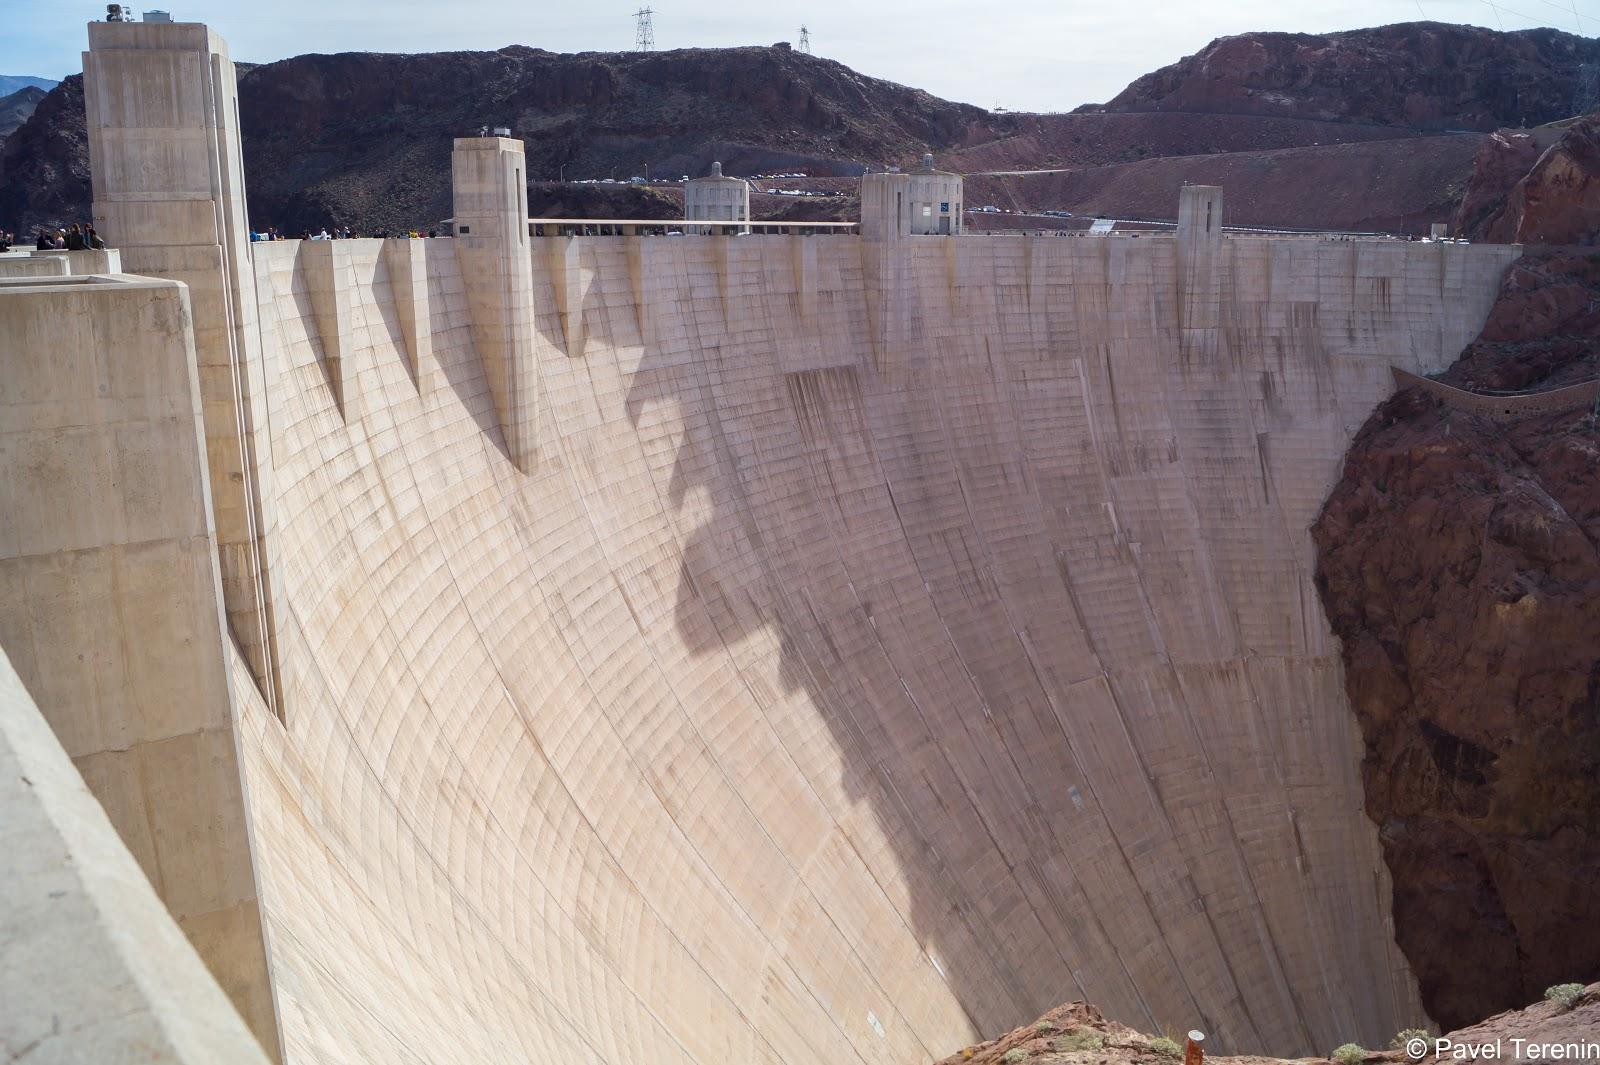 Строительство плотины создало множество рабочих мест, что позволило снизить уровень безработицы.